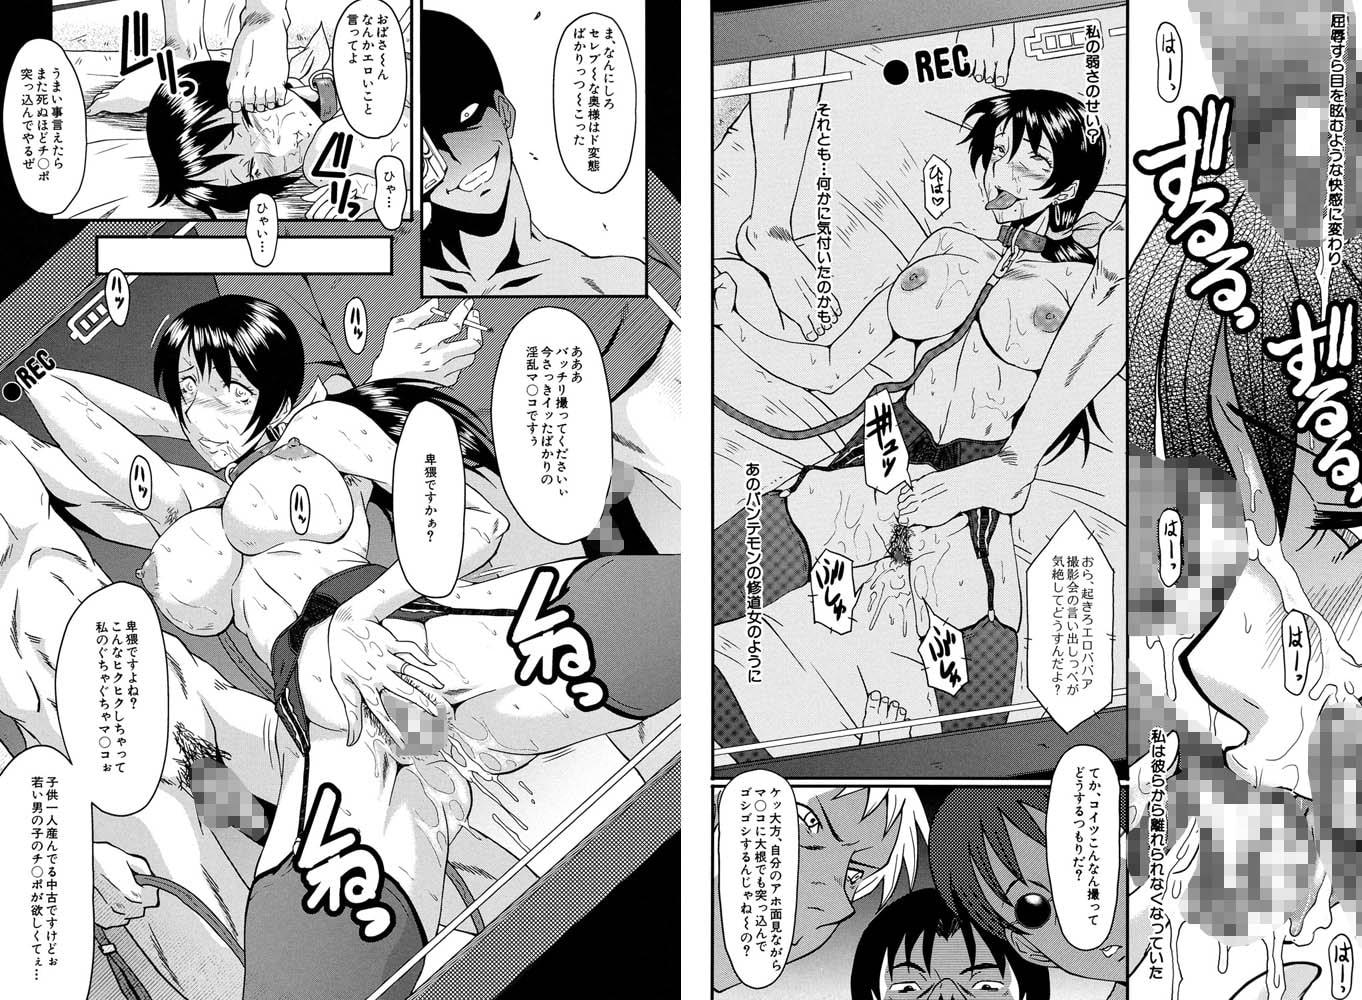 輪姦(MUJIN COMICS 名作集 vol.7)(墓場/のうきゅう/SINK/風船クラブ)